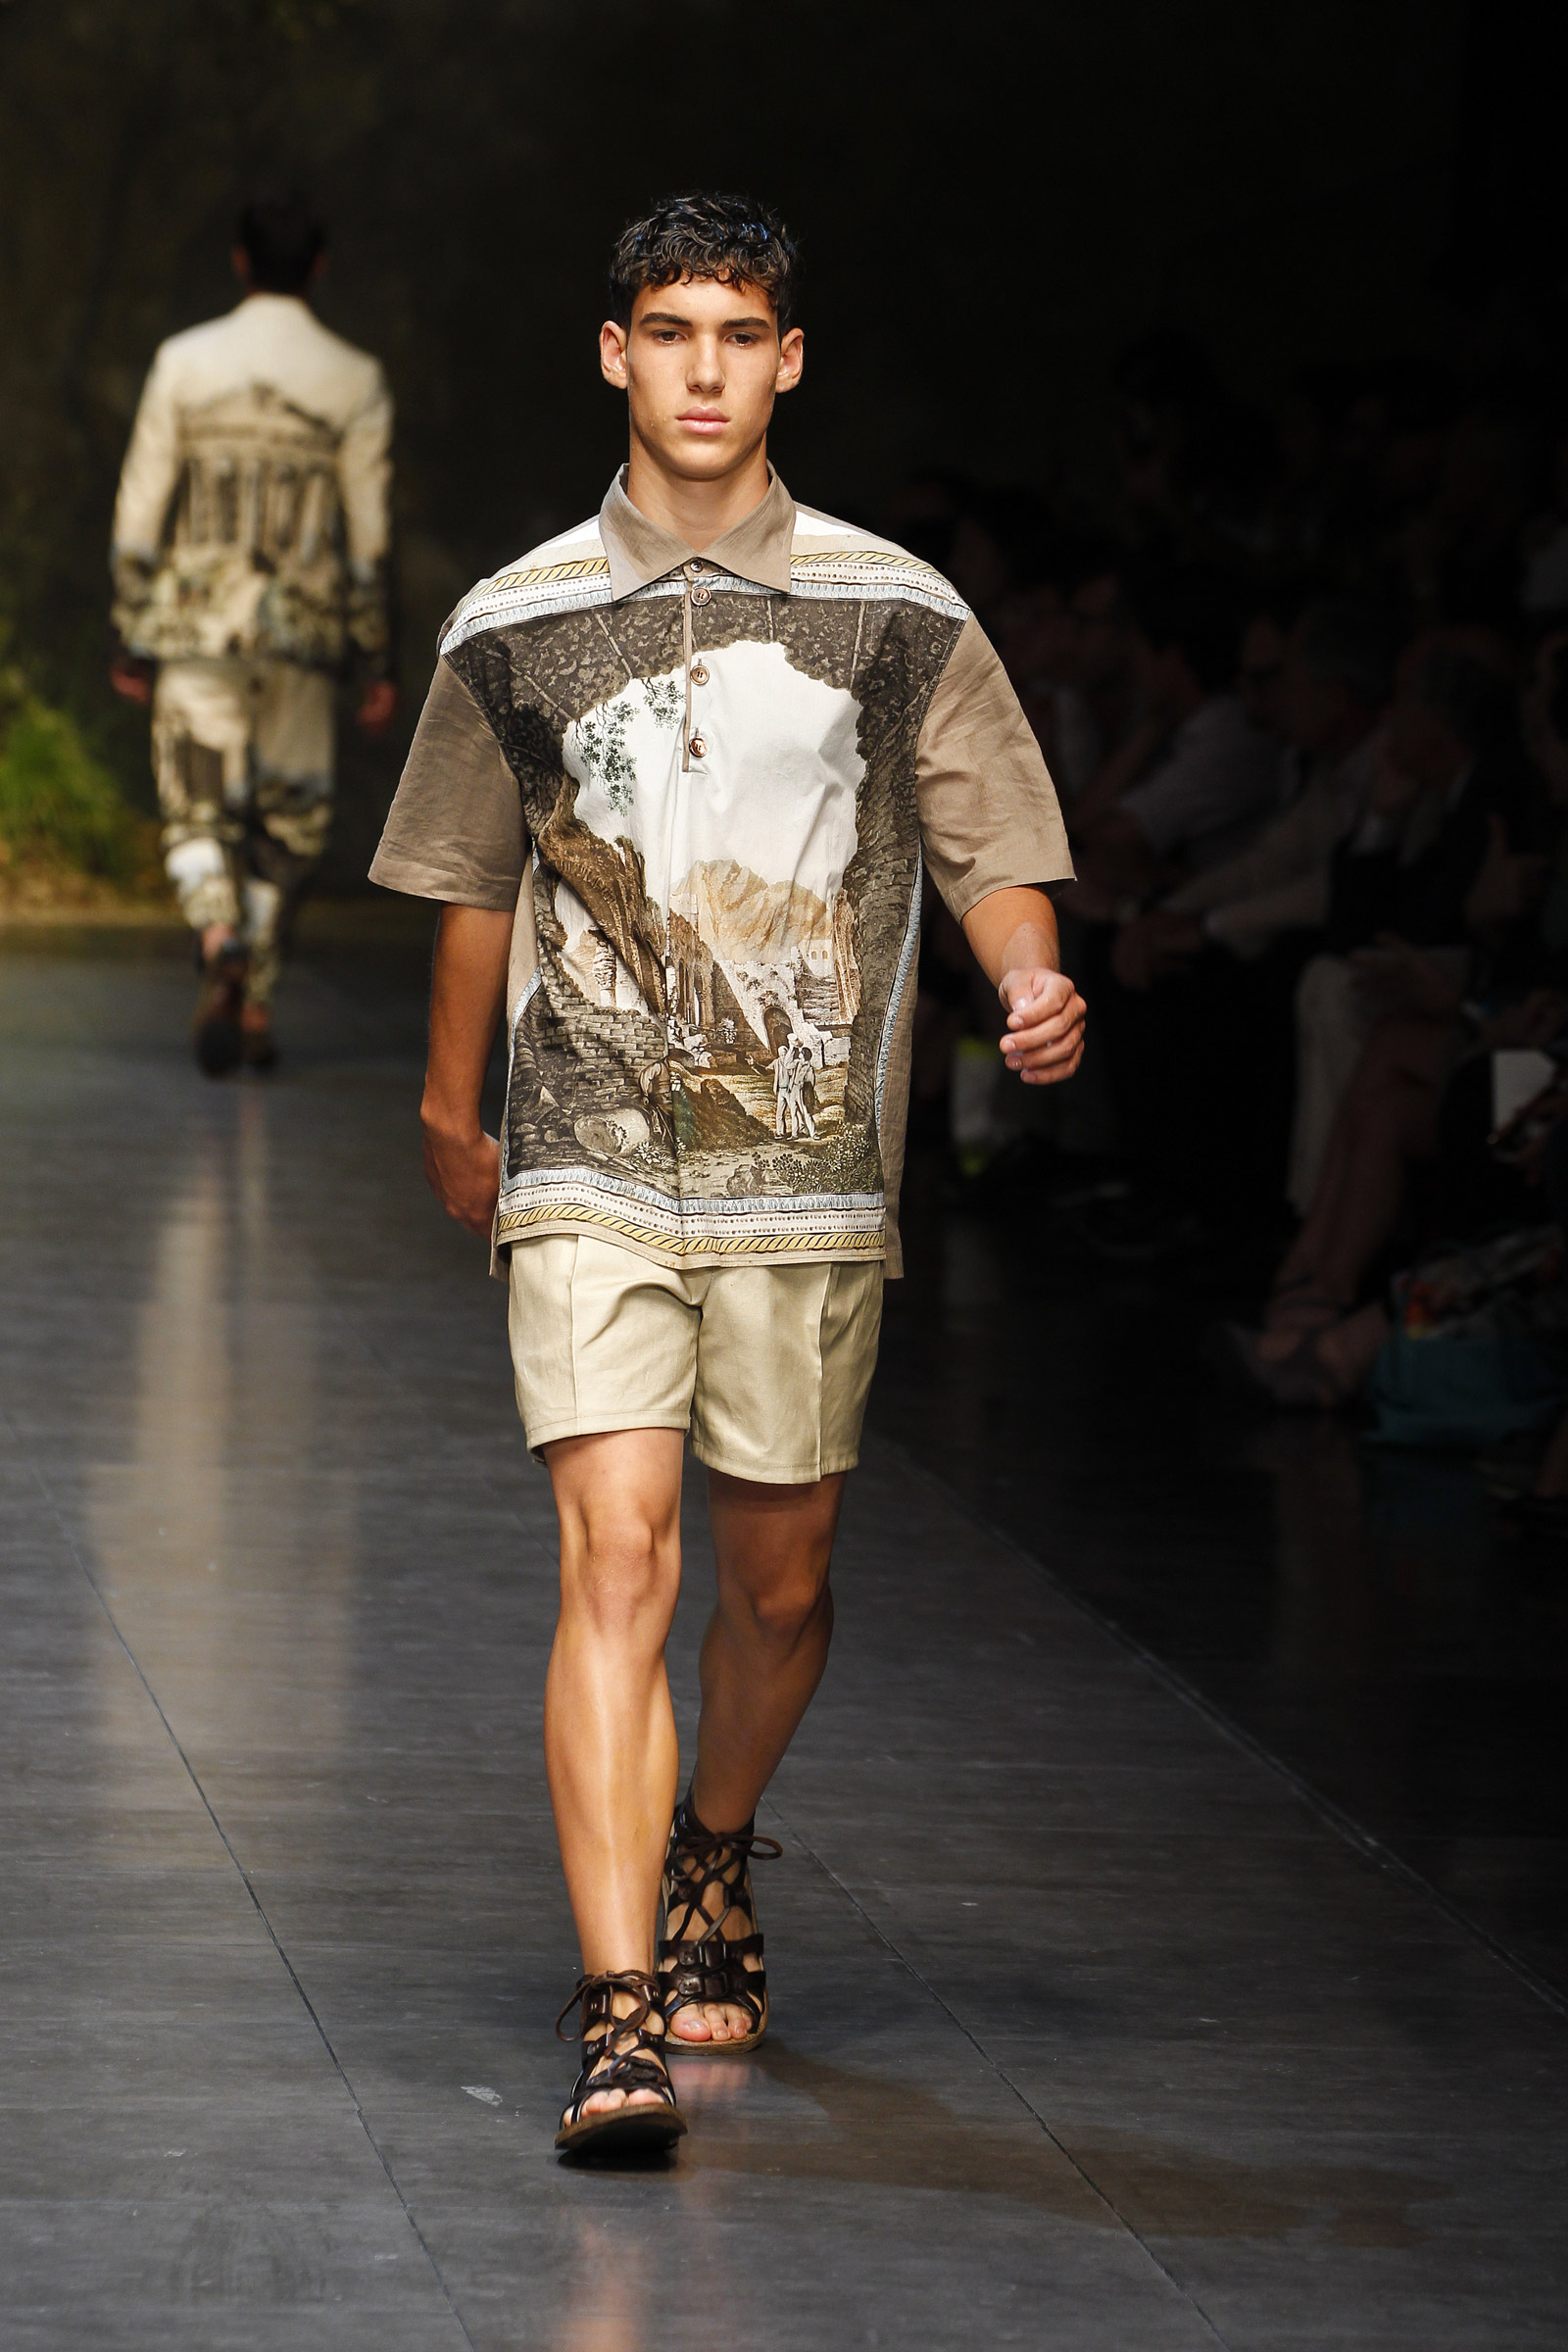 Dolce Amp Gabbana Summer 2014 Men S Fashion Show Media